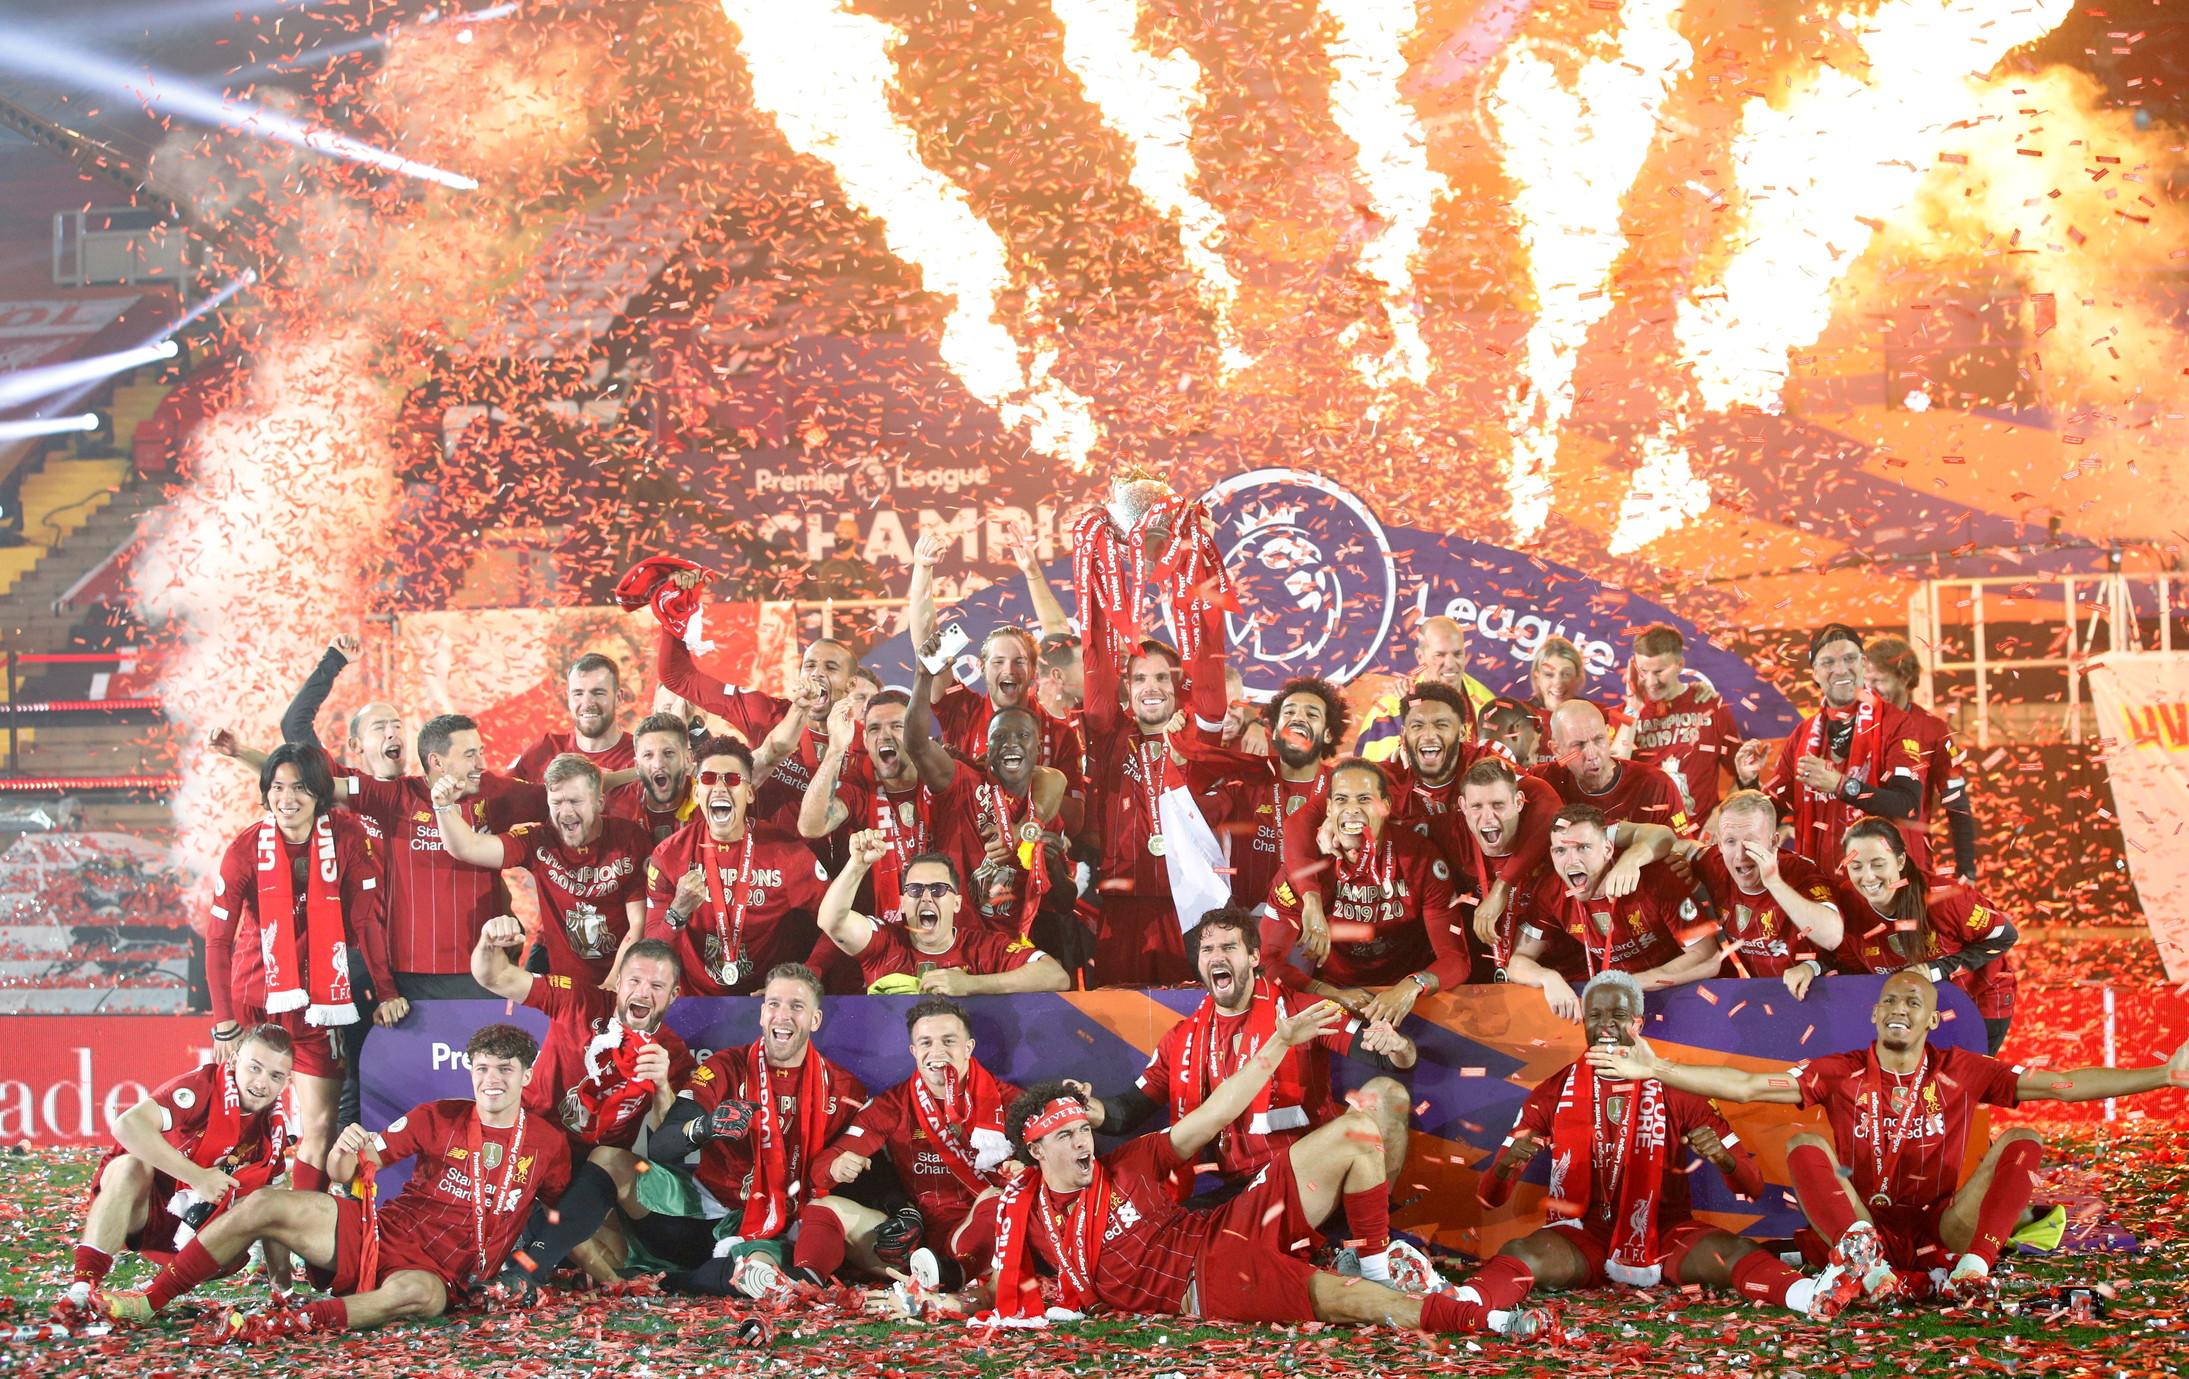 Calcio, Inghilterra: Premier League-Liverpool; Coppa di Lega: Manchester City; FA Cup: Arsenal; Charity Shield: Arsenal